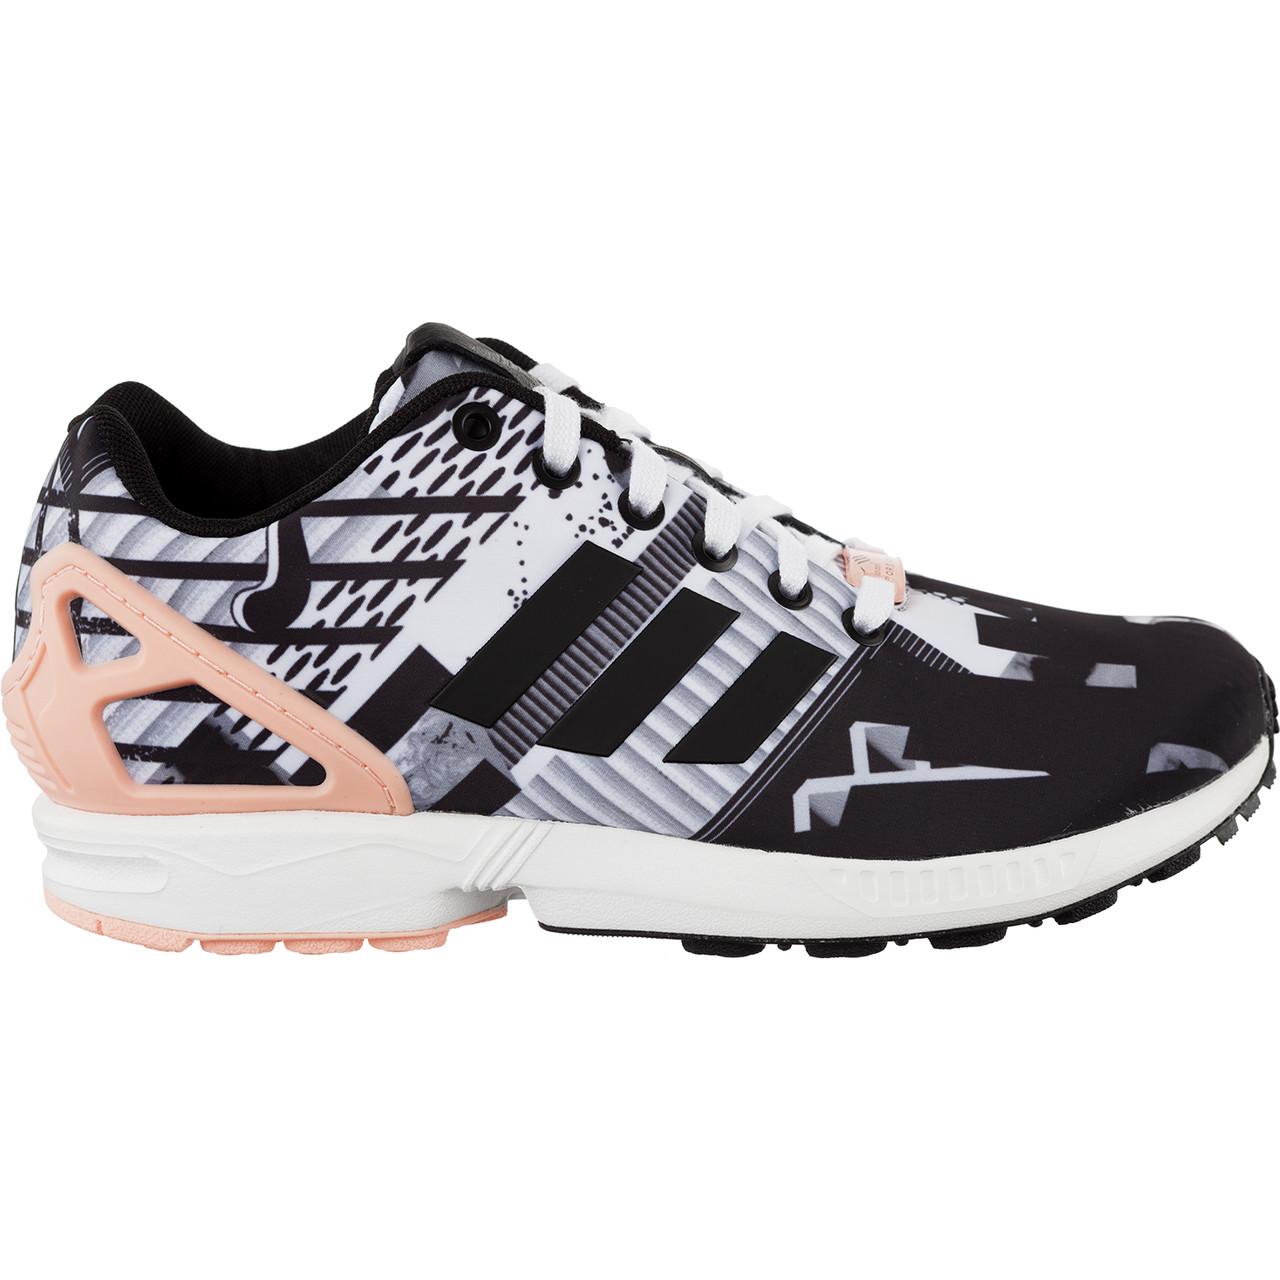 buty adidas zx flux w 322